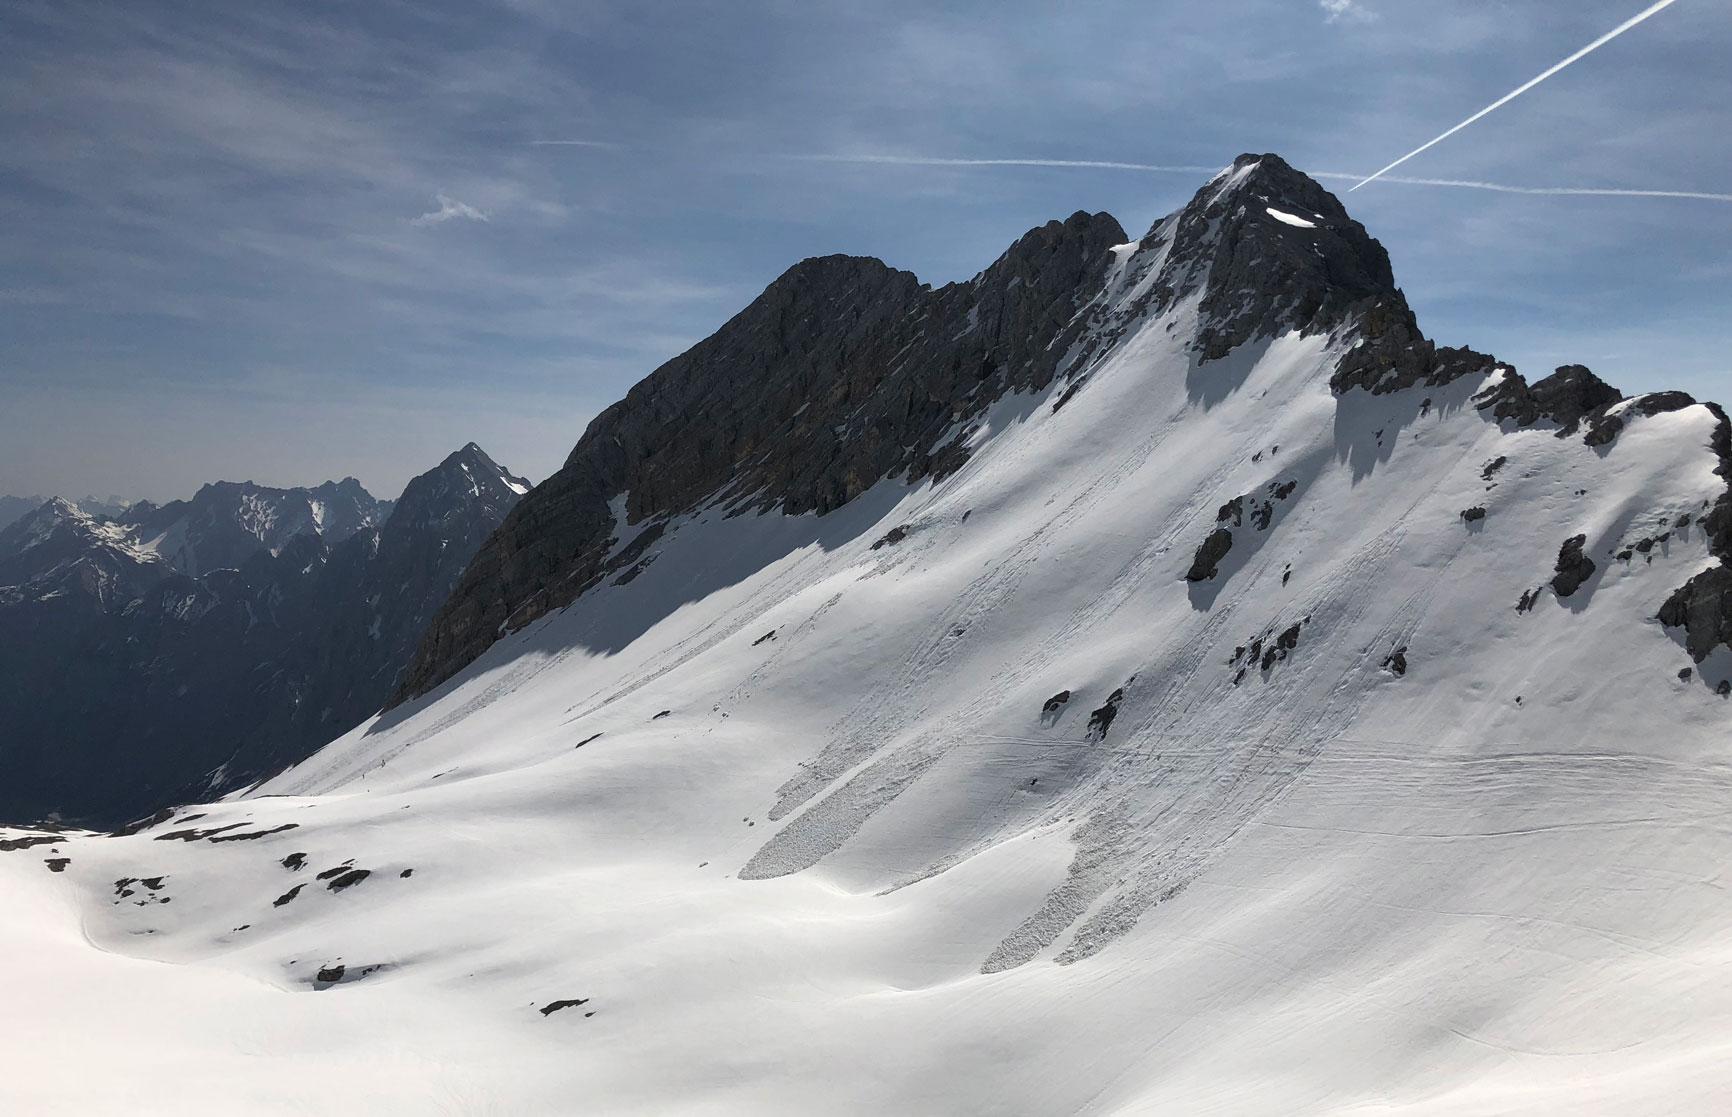 mit-der-bahn-zum-skifahren-berge-munichmountaingirls